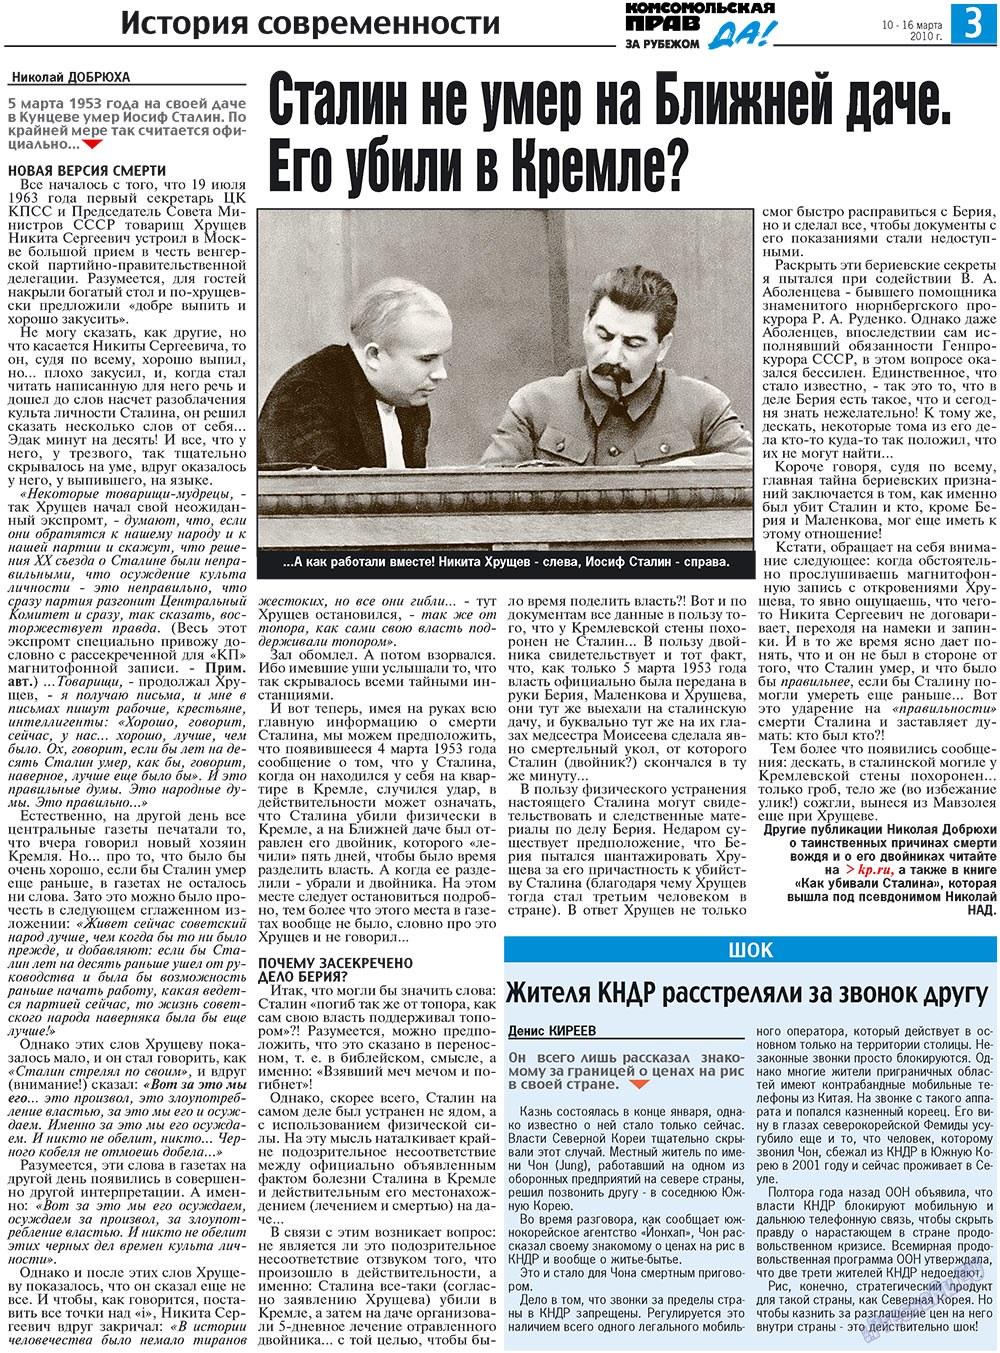 Наша Газета Ирландия (газета). 2010 год, номер 10, стр. 11